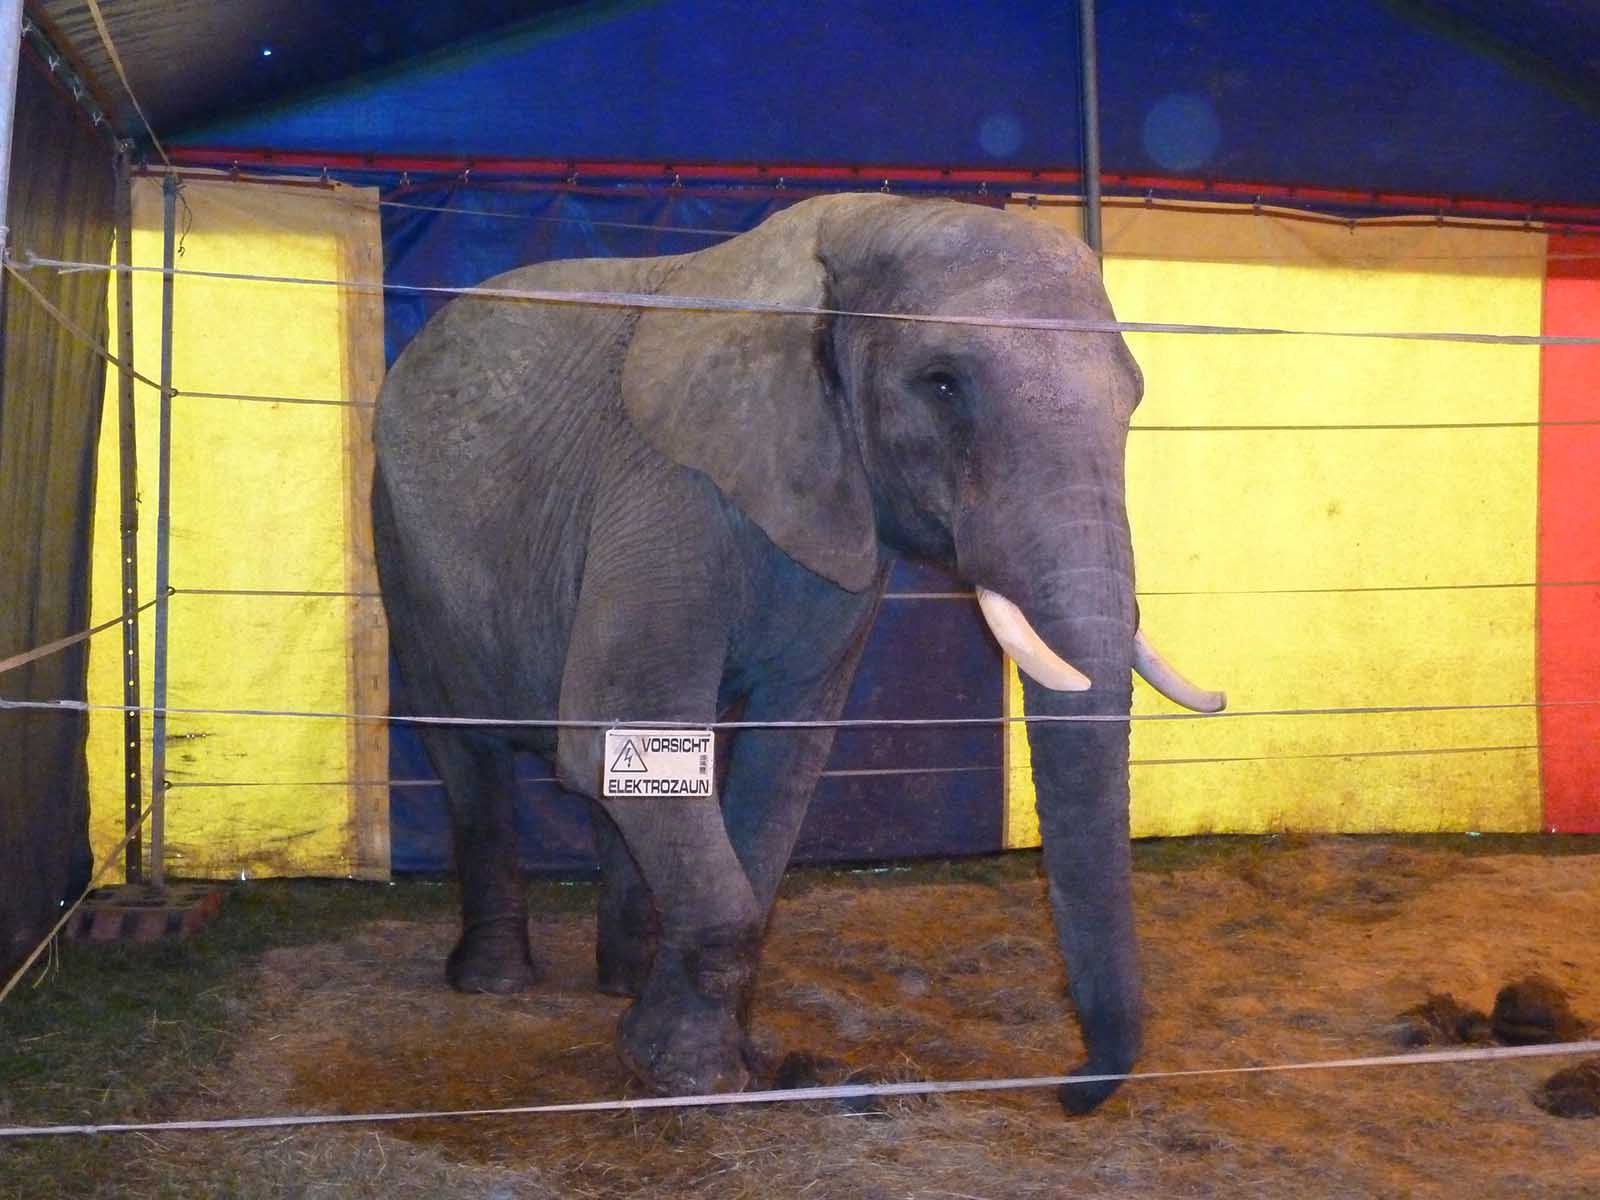 Circus Luna/Francordia, Familie Frank – Chronik der Tierschutzverstöße und weitere Vorfälle